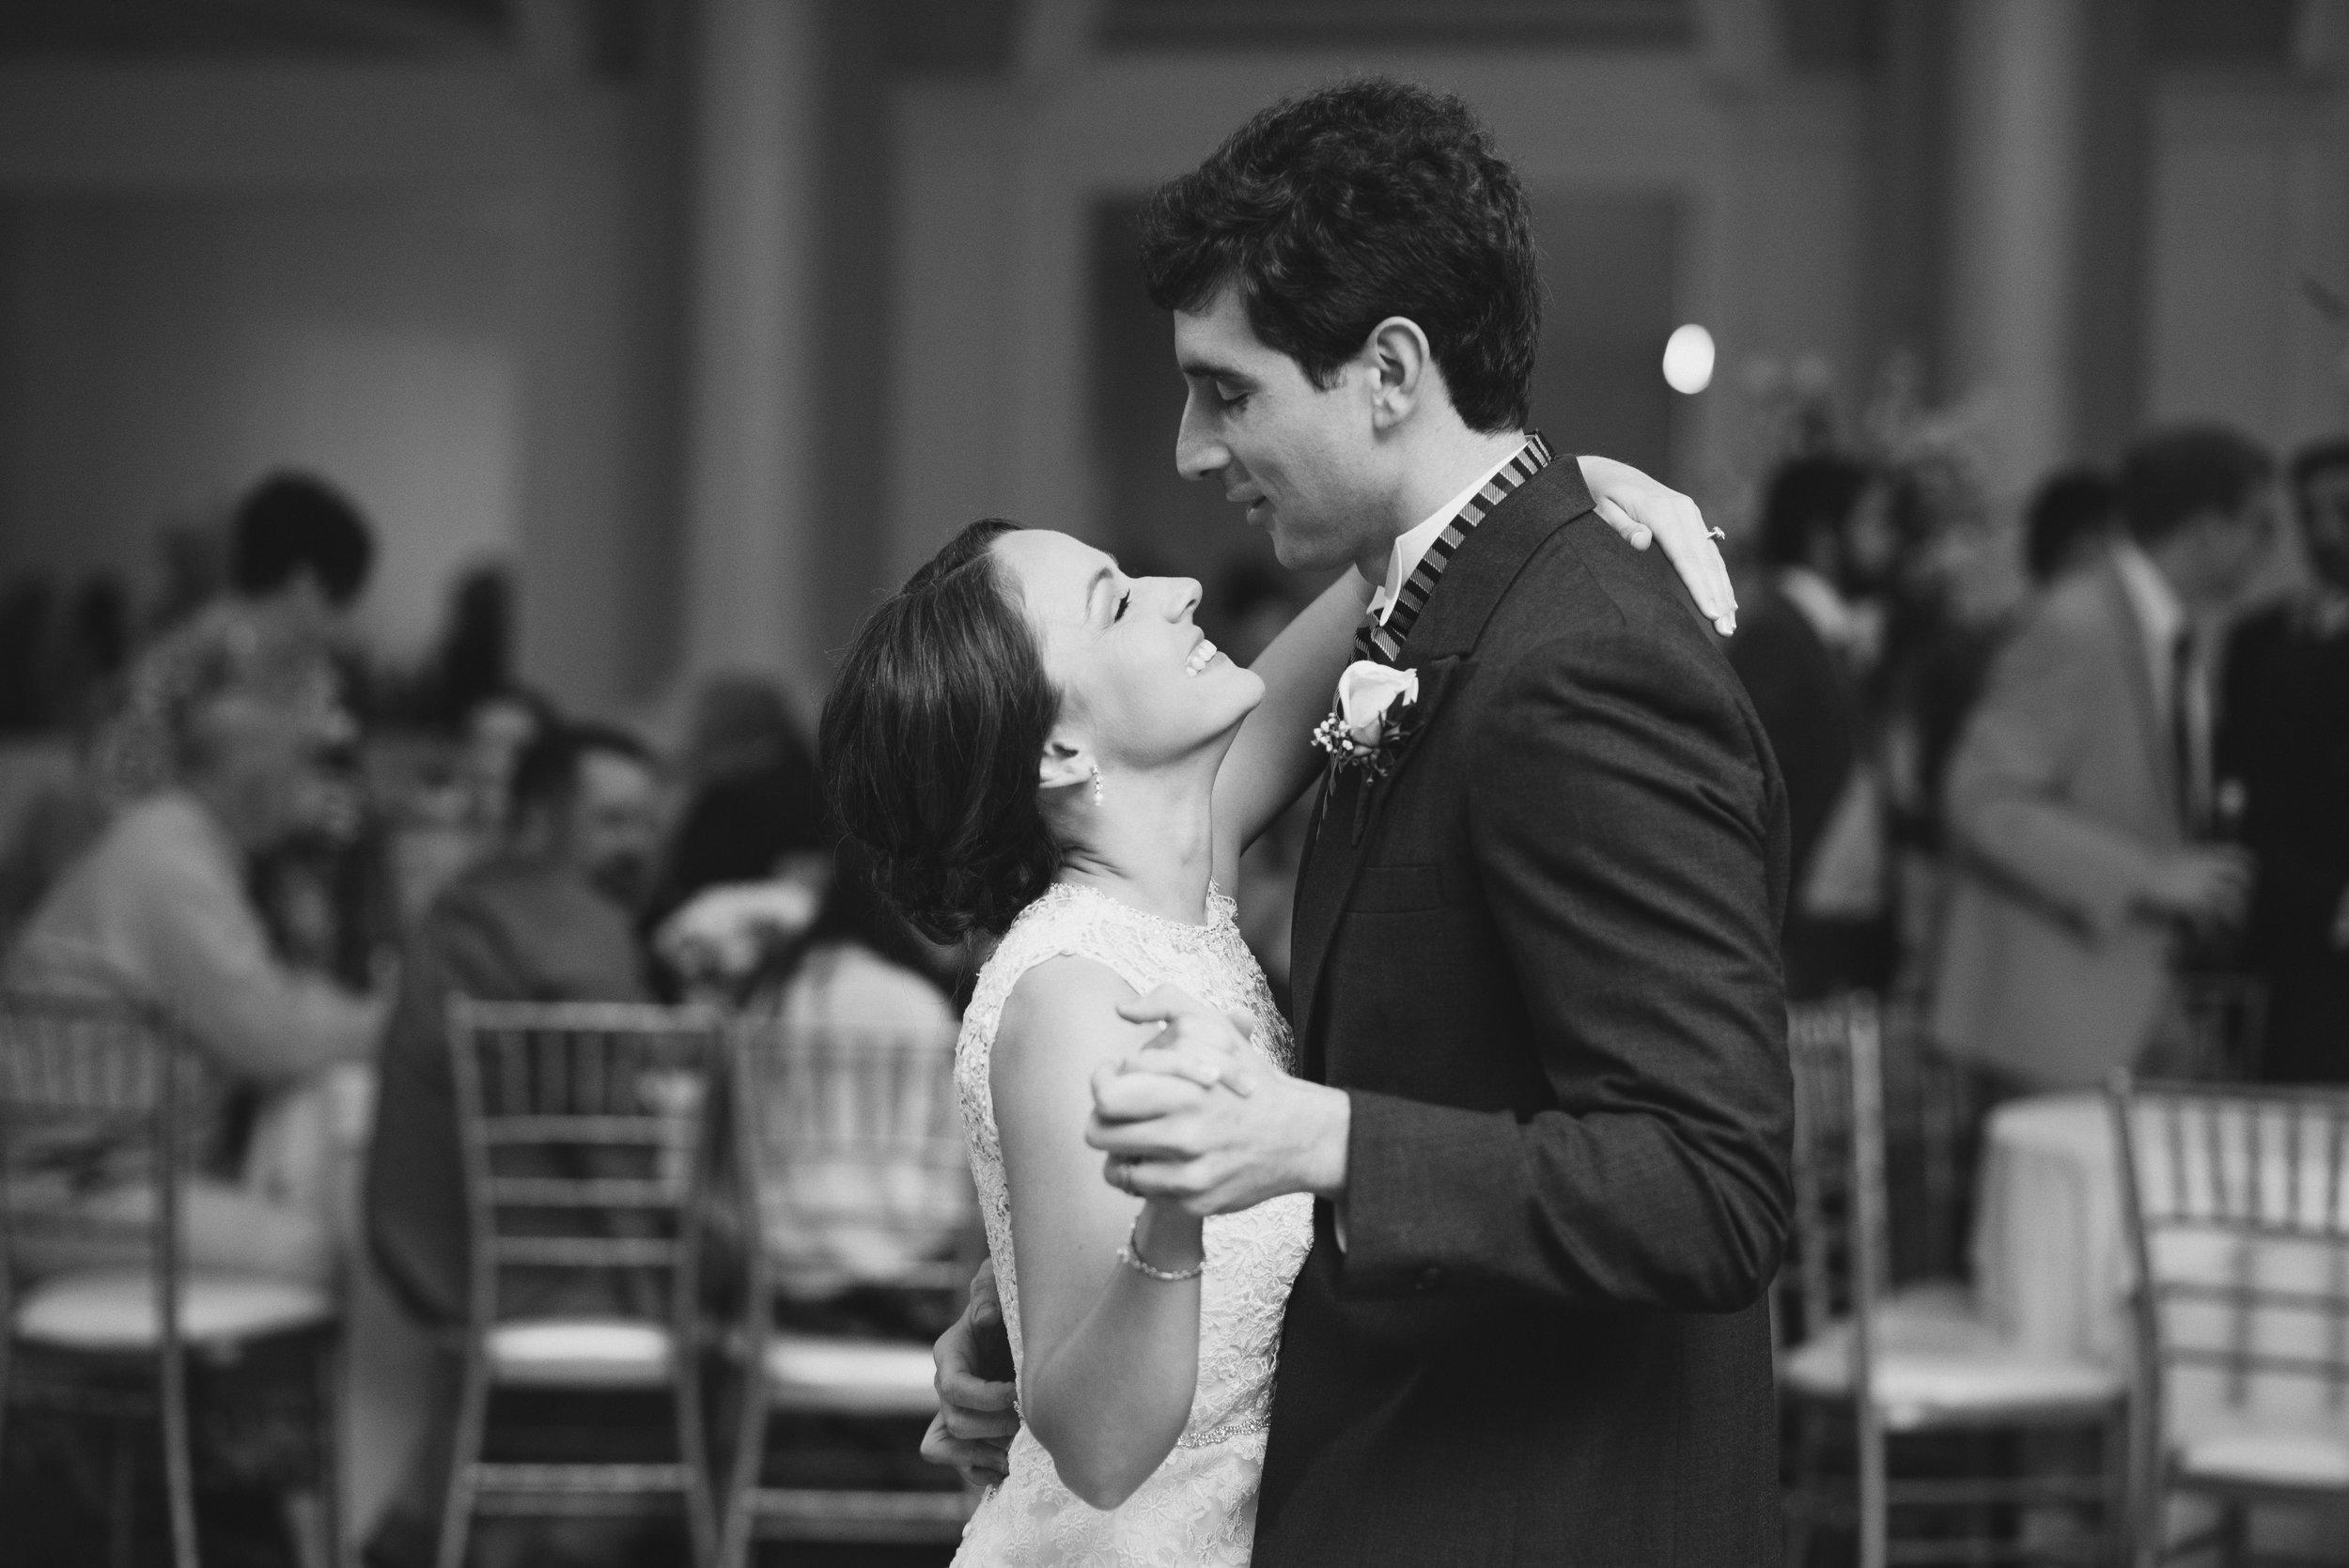 Ducote_Naccari_wedding_0587.jpg